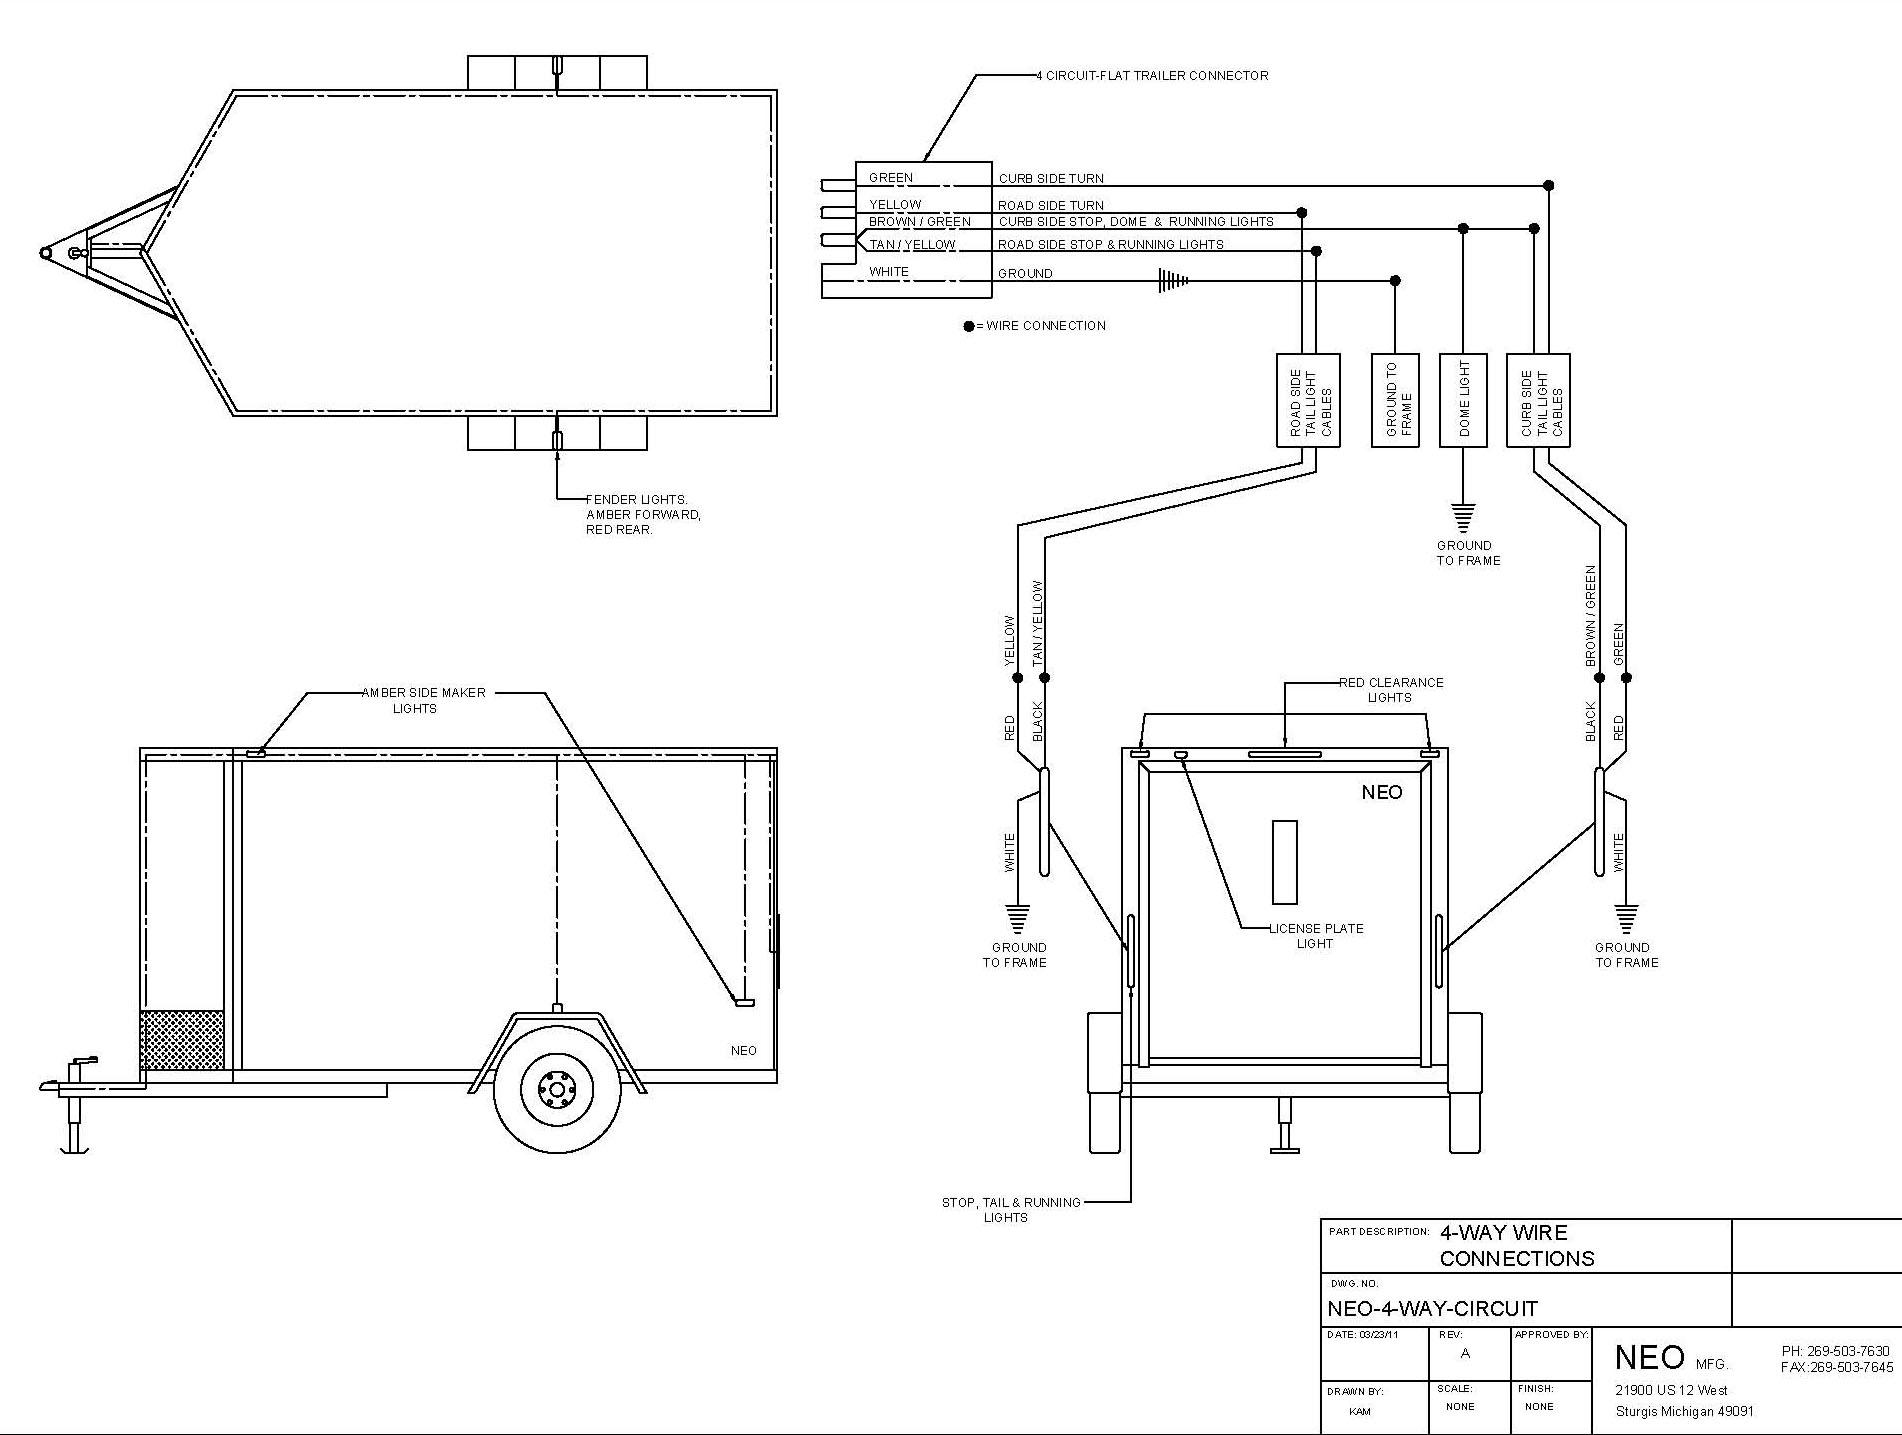 electrical trailer ke wiring diagram wiring diagram for car trailer with electric kes wiring diagram  wiring diagram for car trailer with